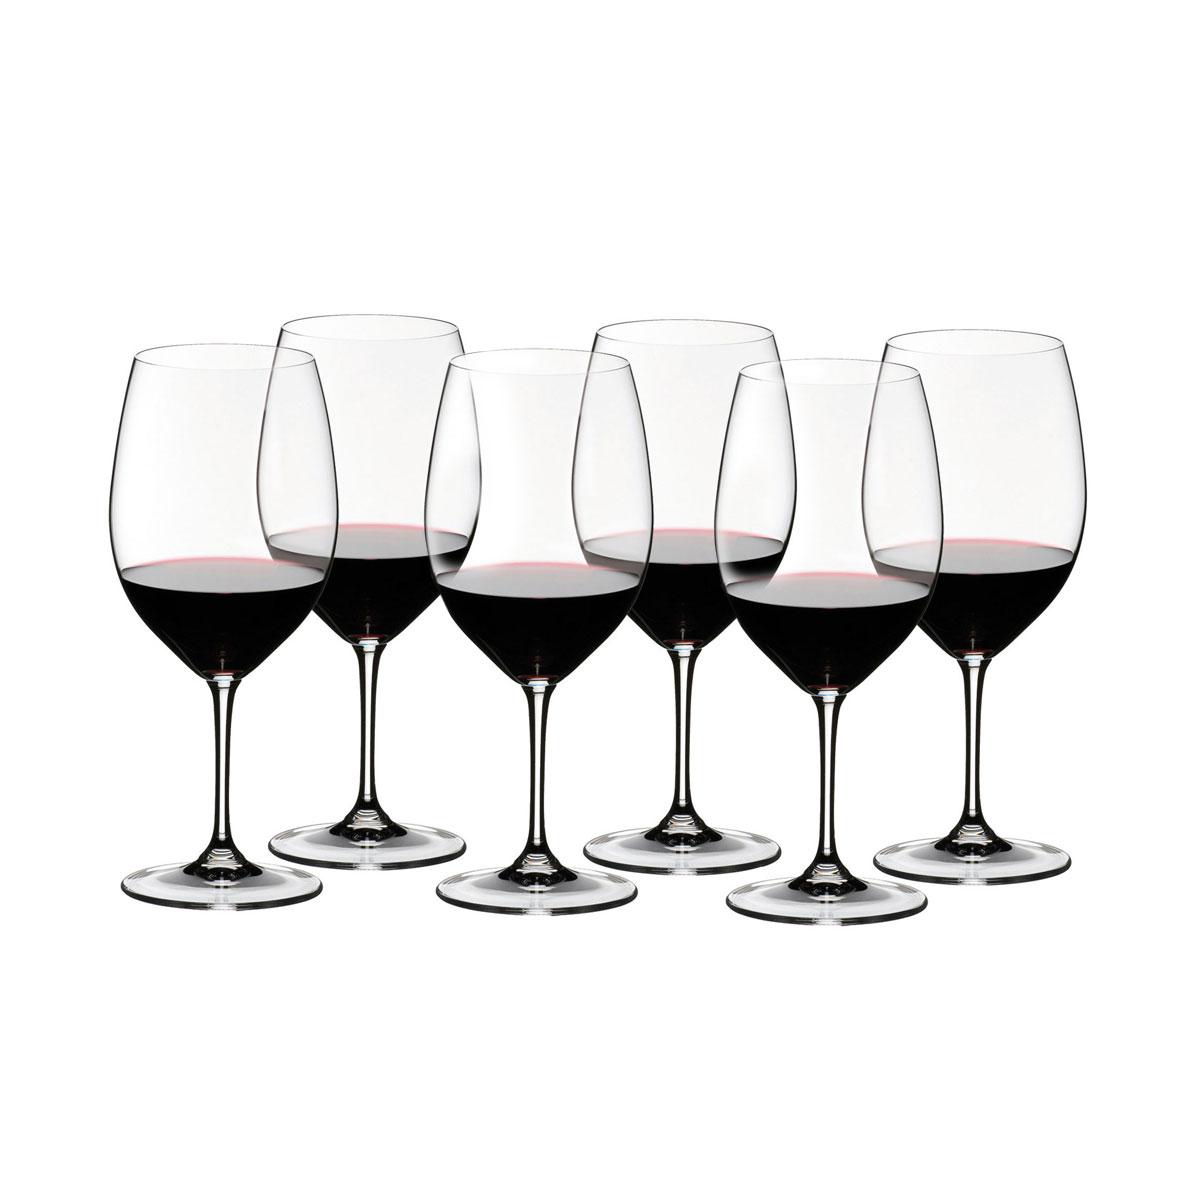 Riedel Vinum Cabernet Sauvignon Glasses, Set of 6